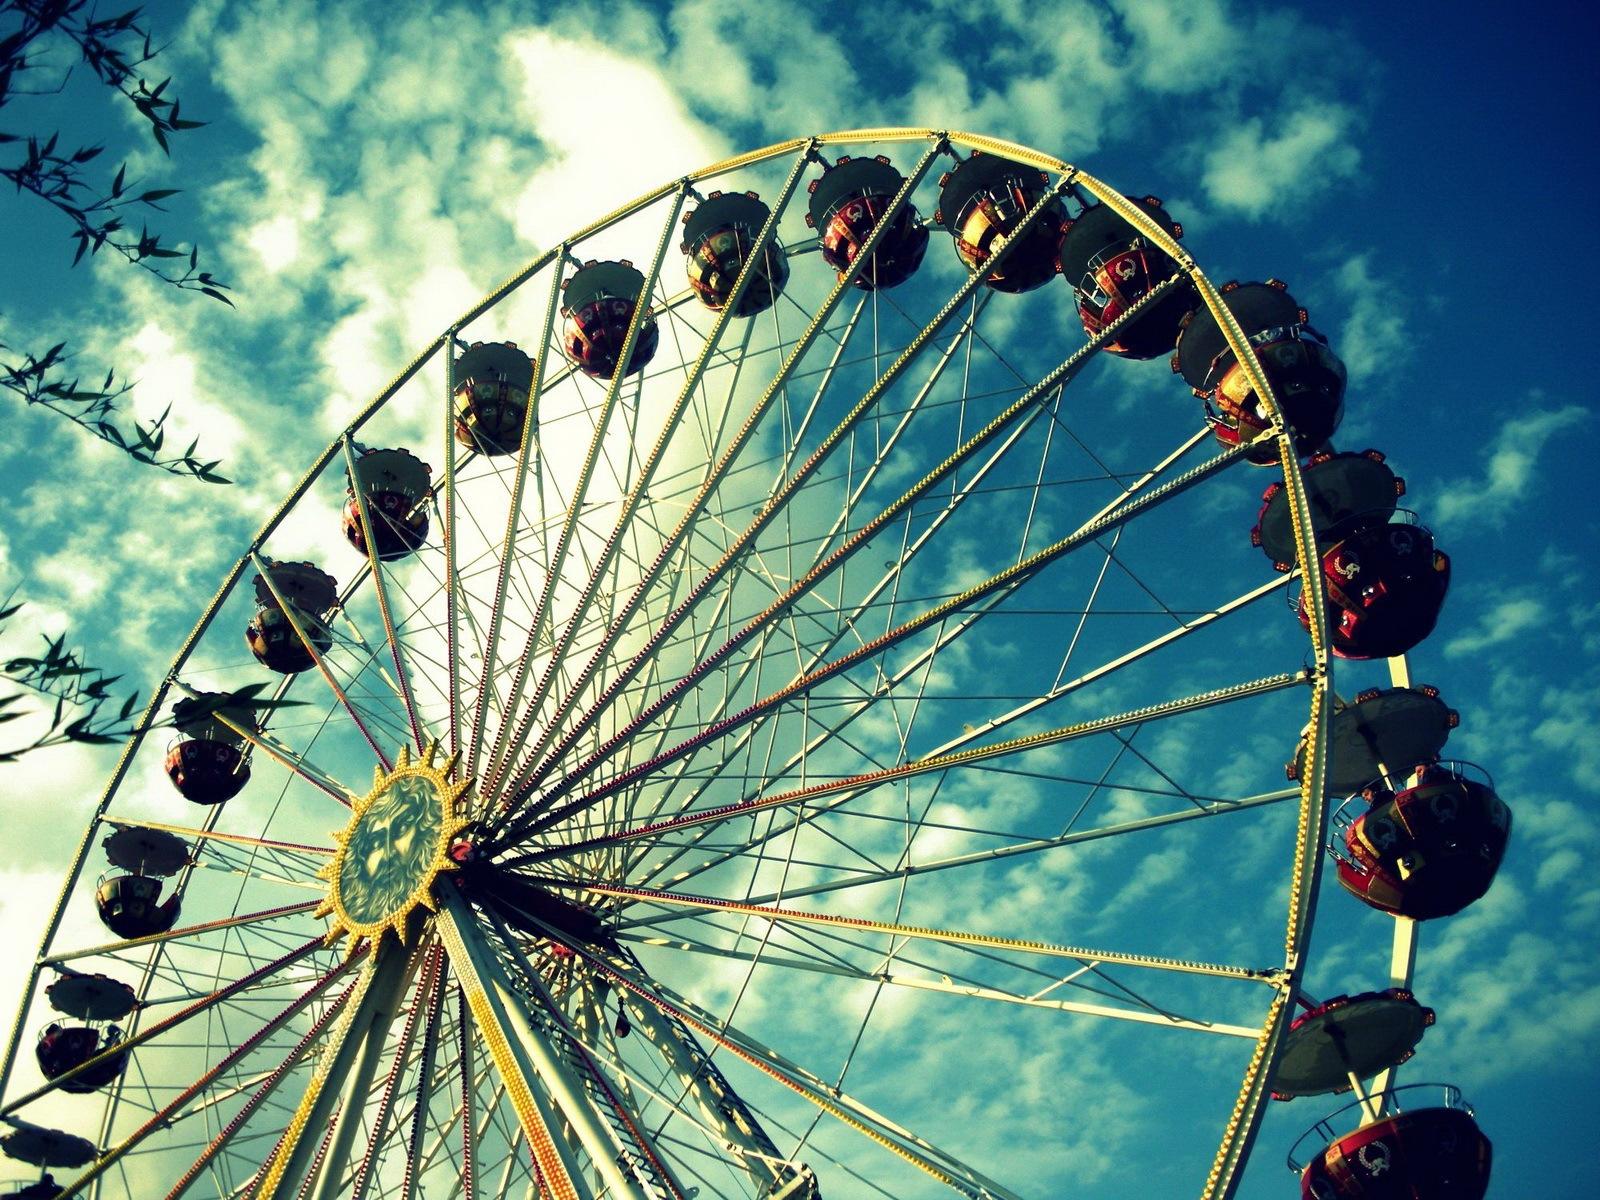 Ferris Wheel Wallpaper